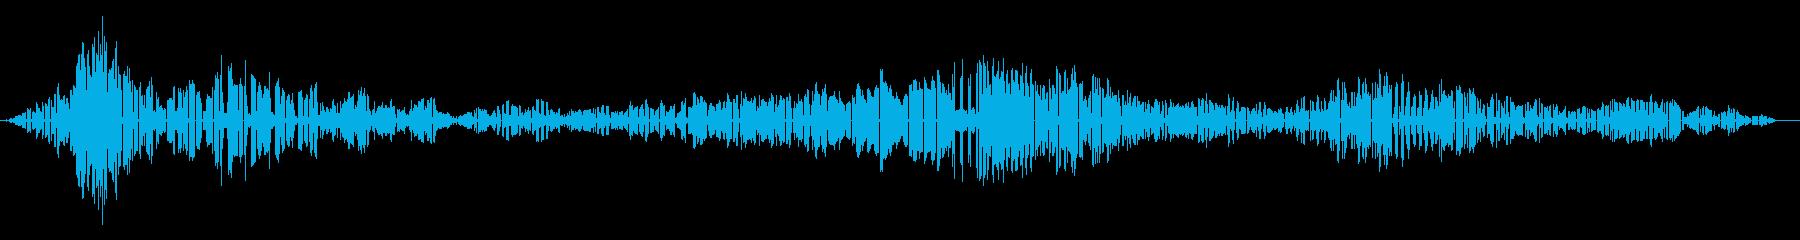 ラーク・バルガー-アロサ・バルガーの再生済みの波形